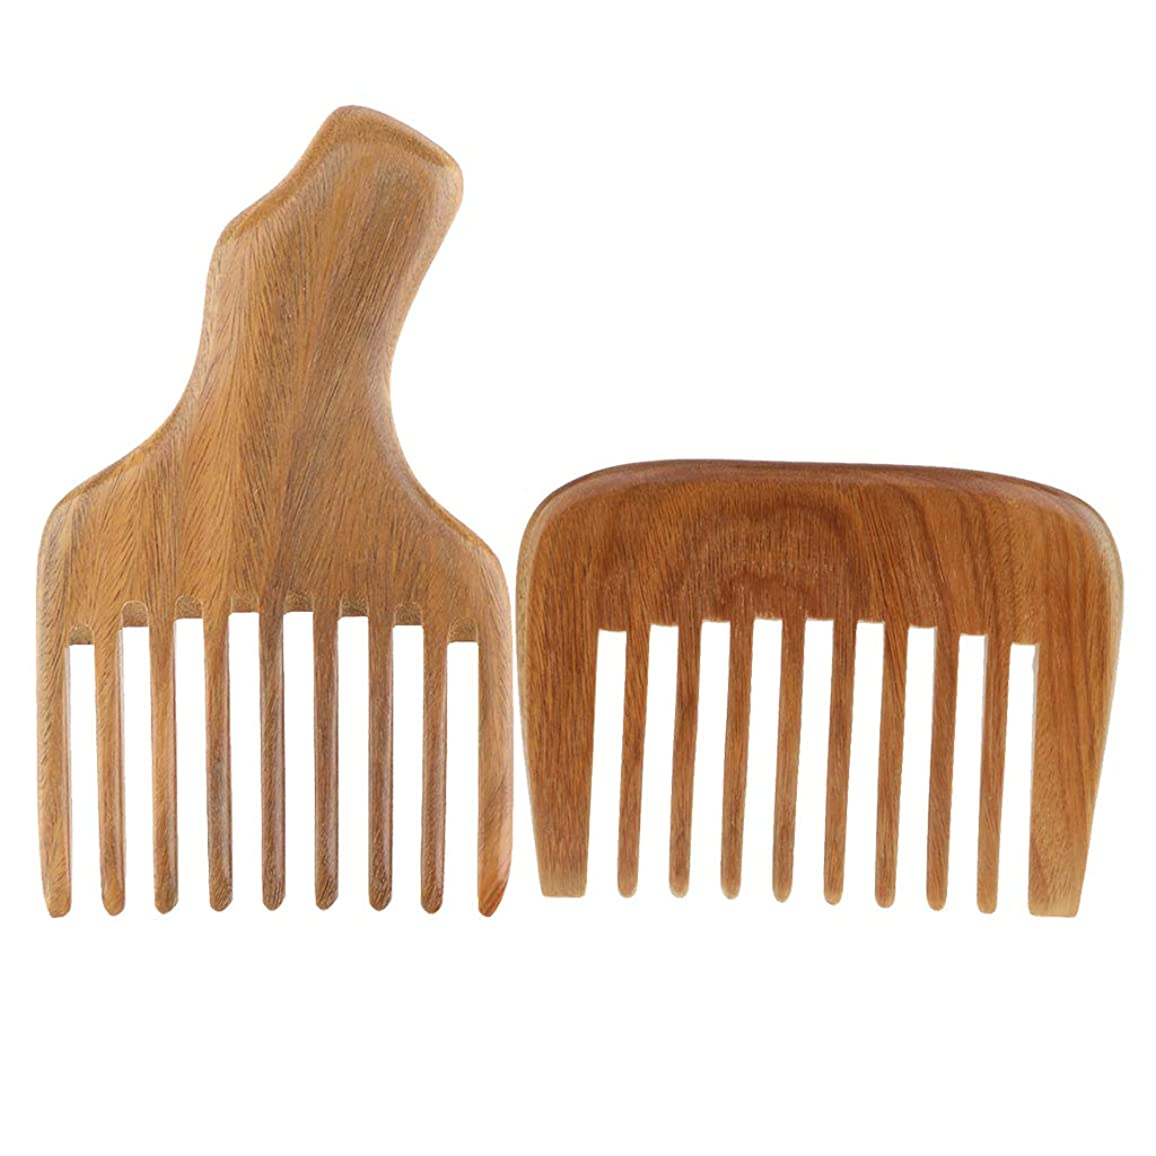 薬理学中央格差2個 木製櫛 ウッドコーム ワイド歯 ギフト 髪型 ひげ 口ひげ